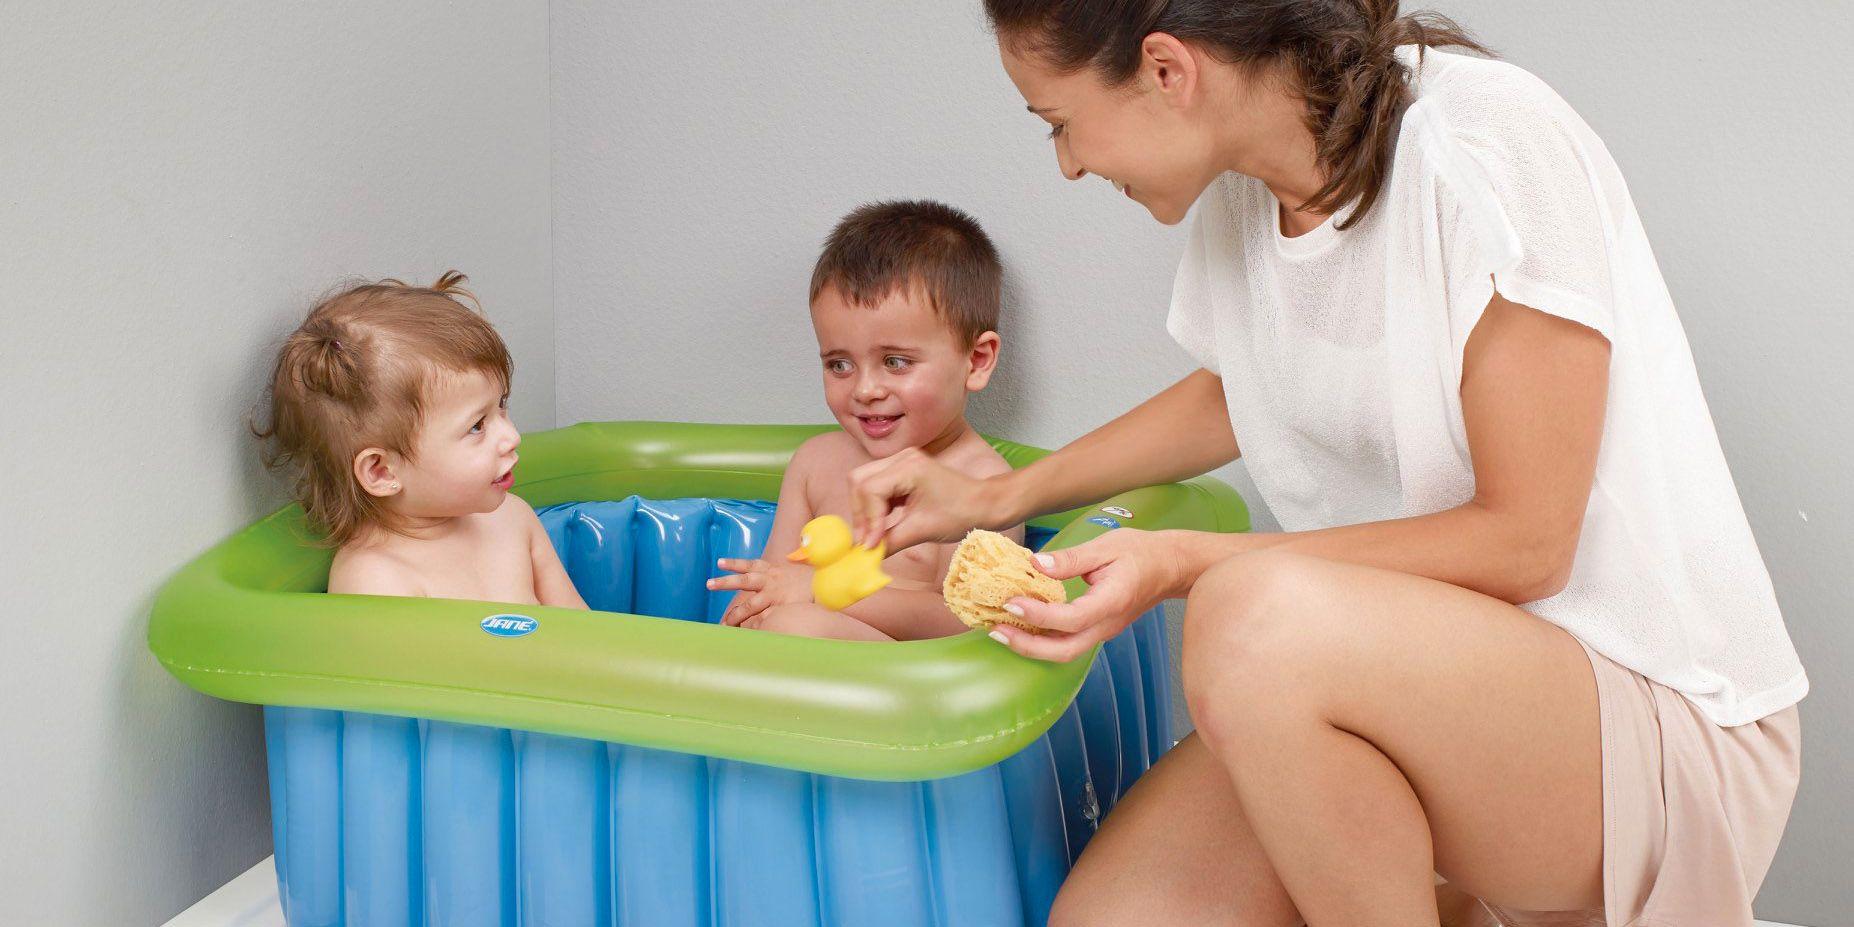 Sve za bebino zdravlje i higijenu kahlice, setovi za njegu, oprema za kupanje